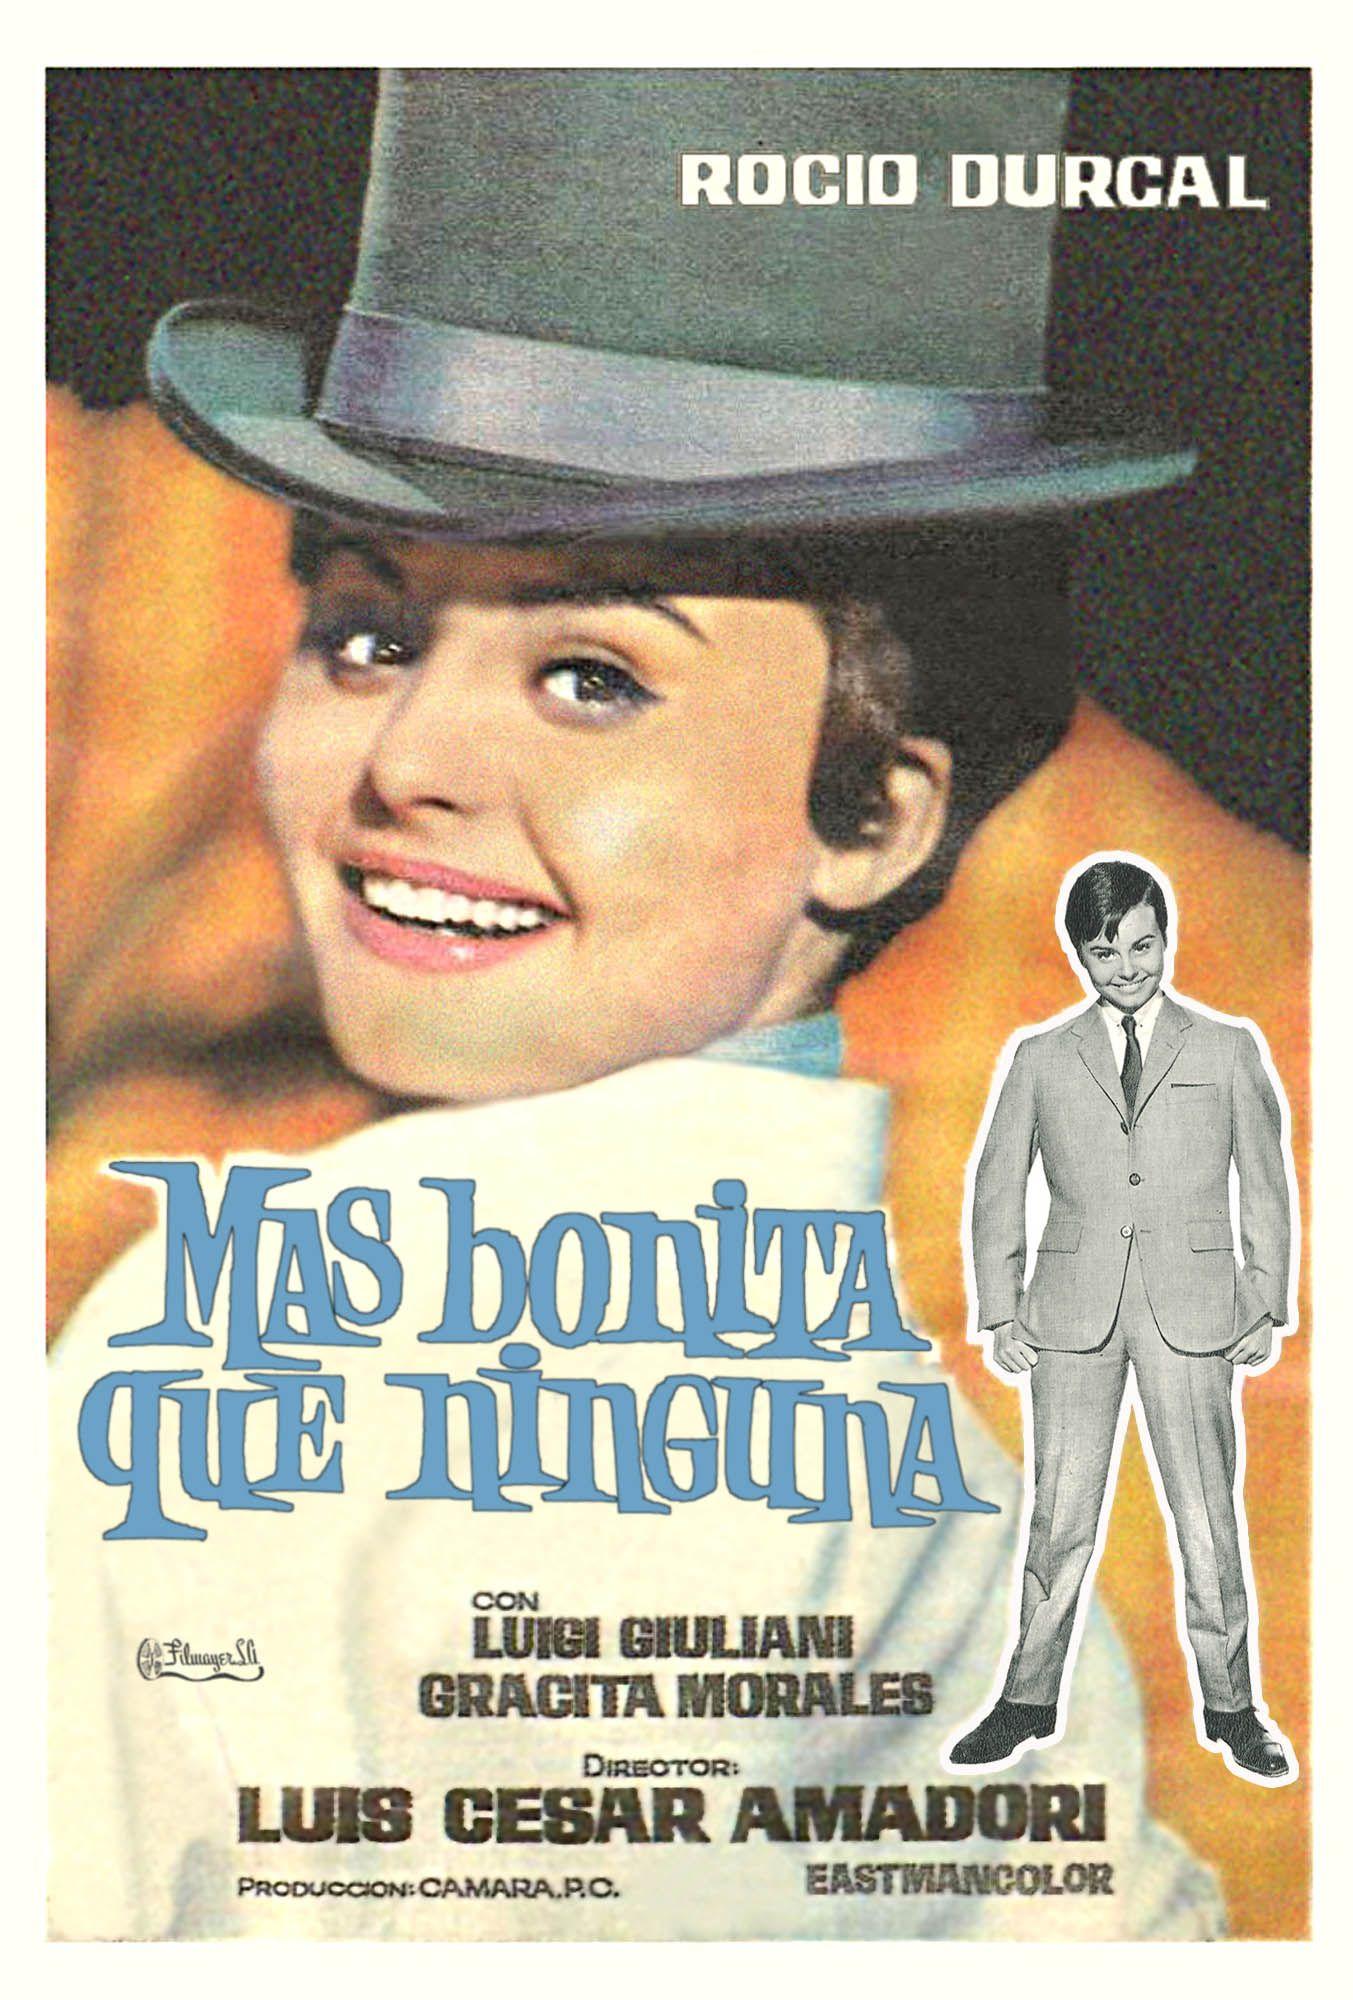 Mas Bonita Que Ninguna 1965 Country Spain Director Luis Cesar Amadori Music Jose Torregrosa Los Brincos Cast Rocio Durcal Film Movie Cinema Film